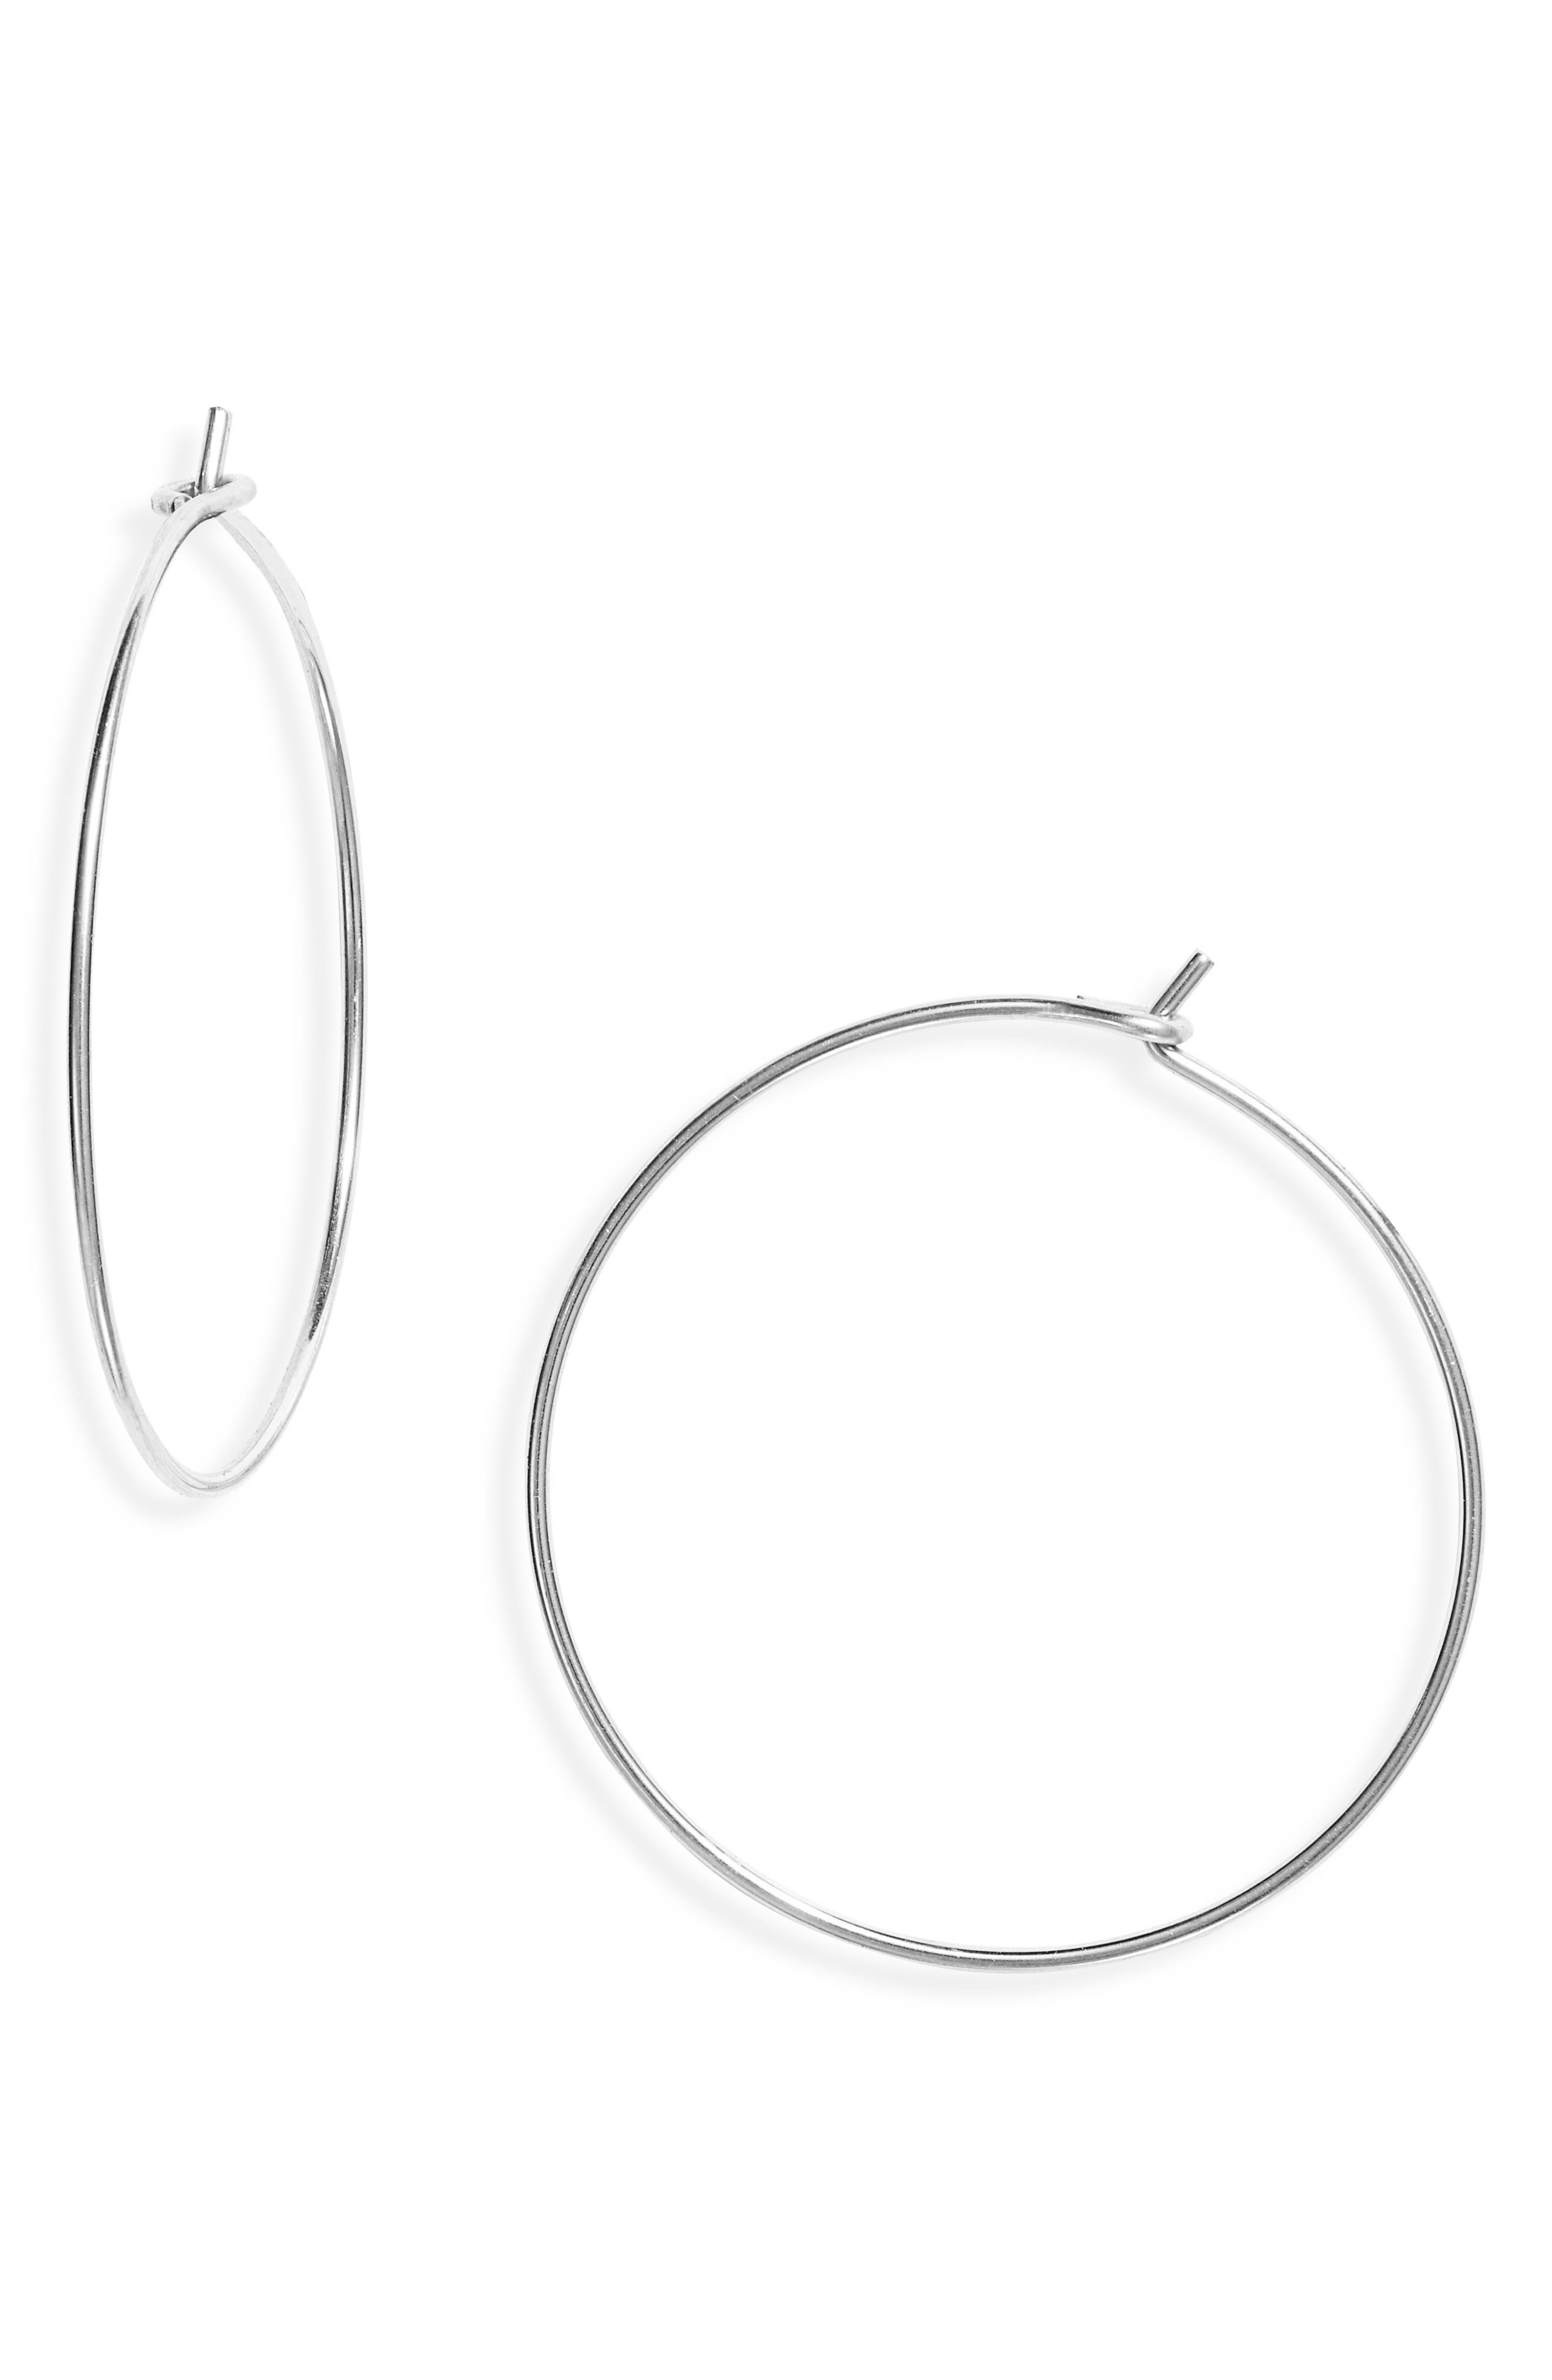 Flat Hoop Jewelry Women/'s Thin Silver Circle Jewelry Silver Disc Dangle Earrings Women/'s Medium Silver Hoop Earrings Mirror Earrings